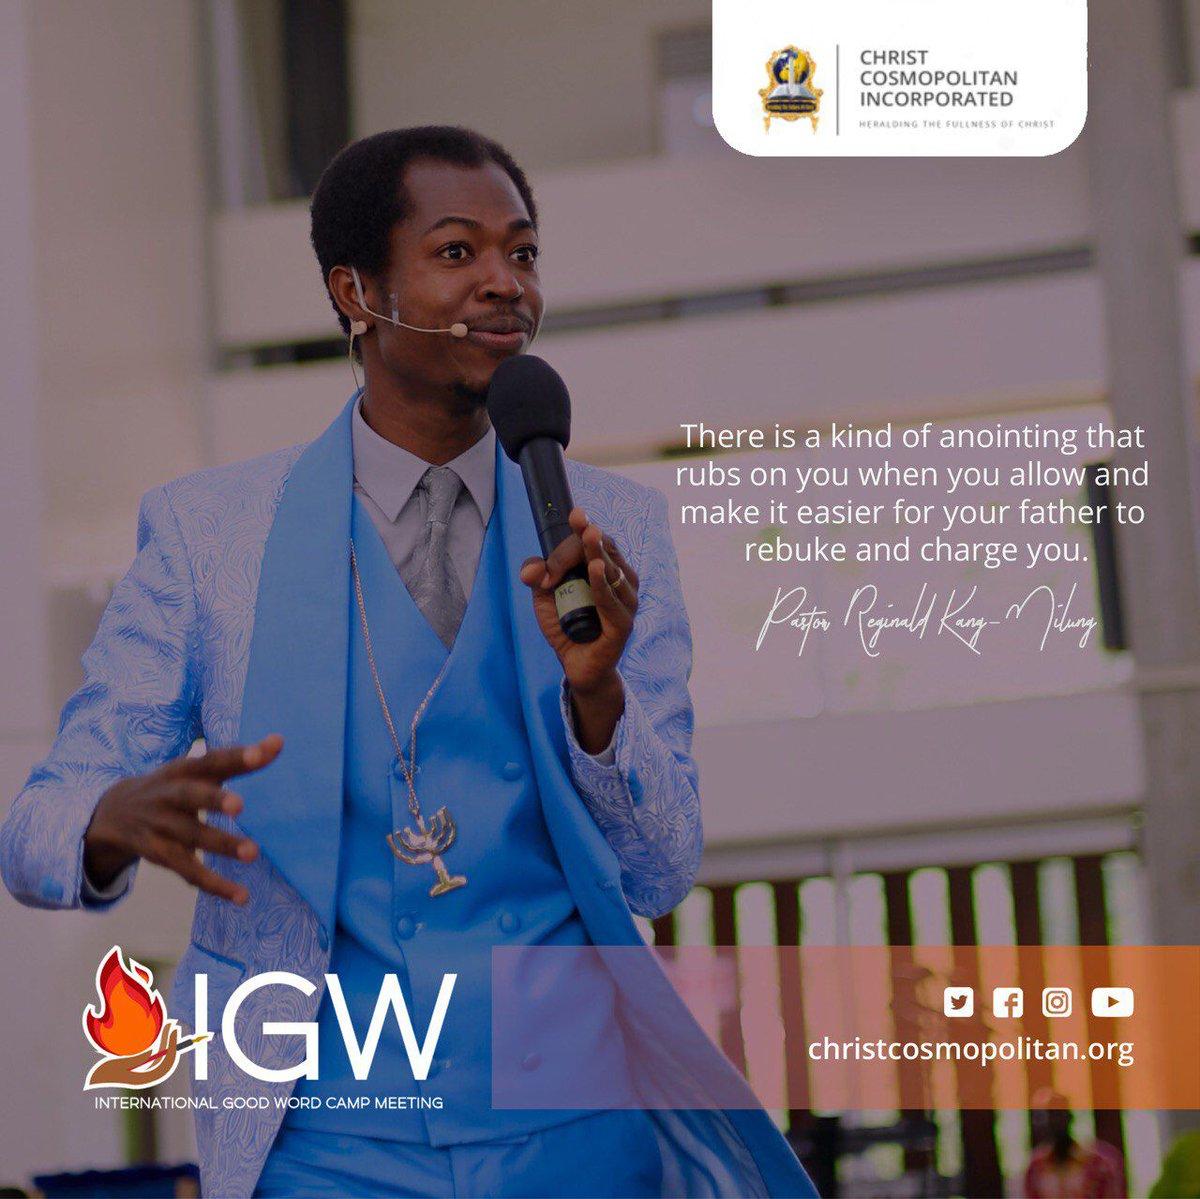 Word! #IGWC2019